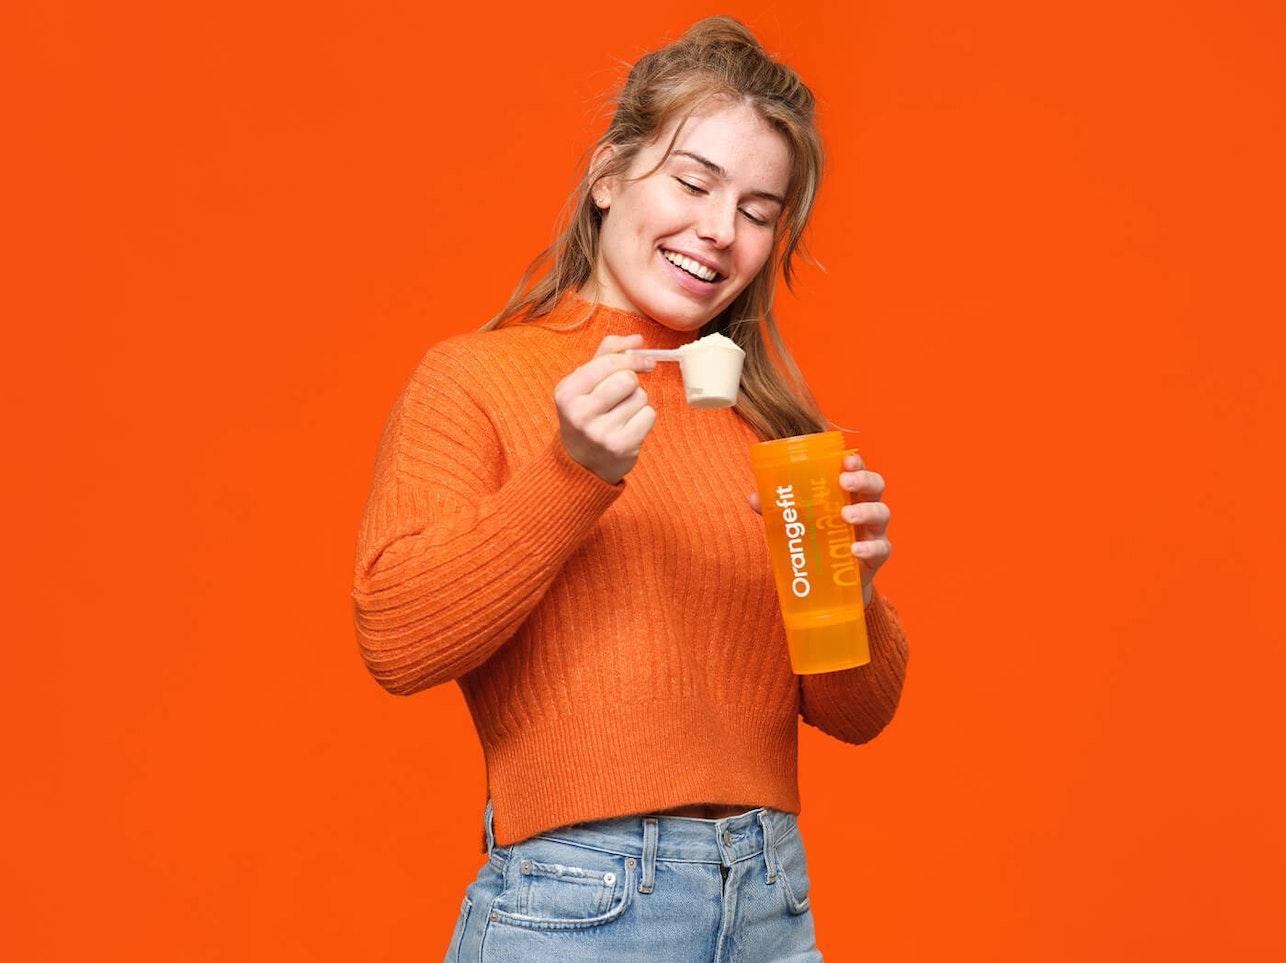 orangefit-plant-based-lifestyle